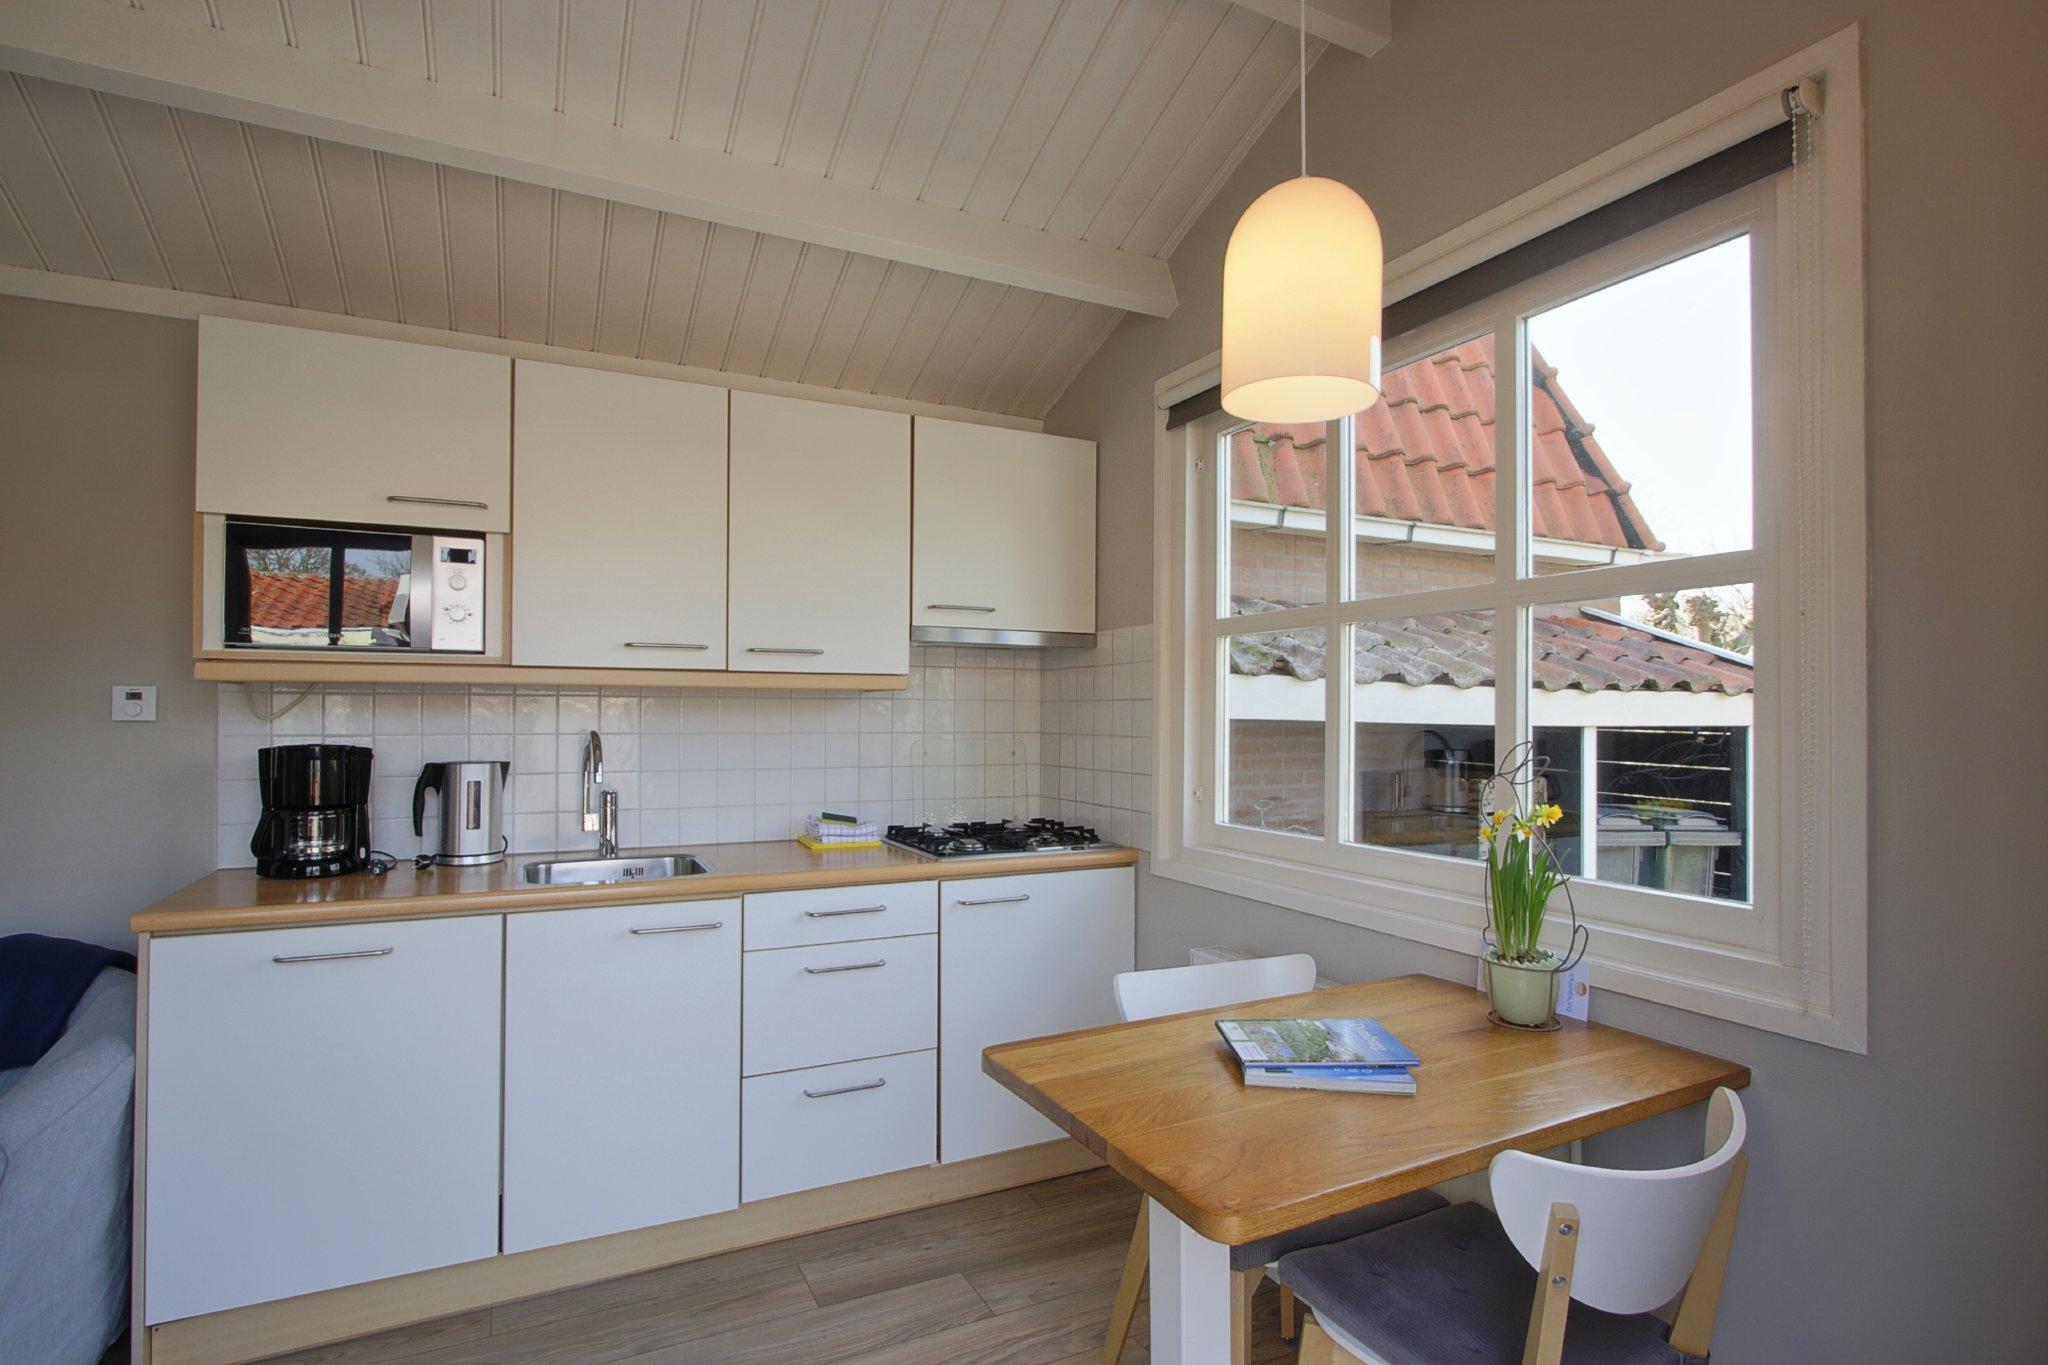 Küche mit Geschirrspüler und Microwelle